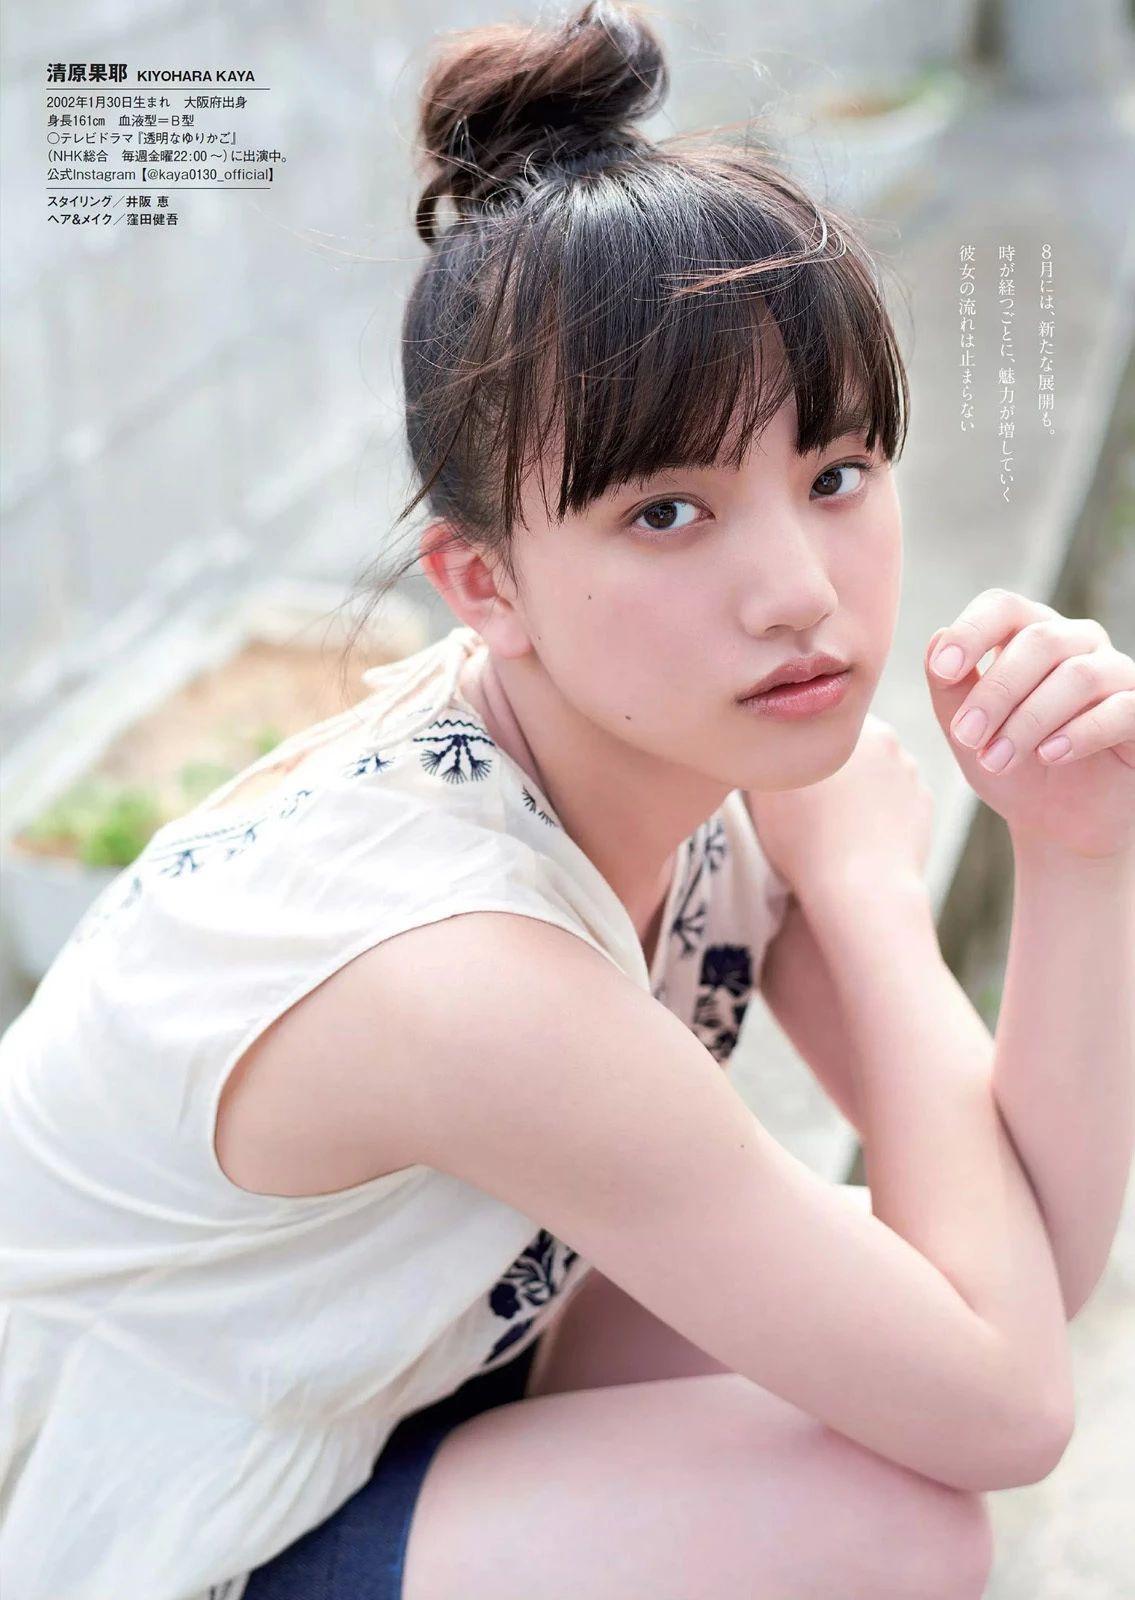 唇红齿白甜美微笑的清原果耶写真作品 (23)